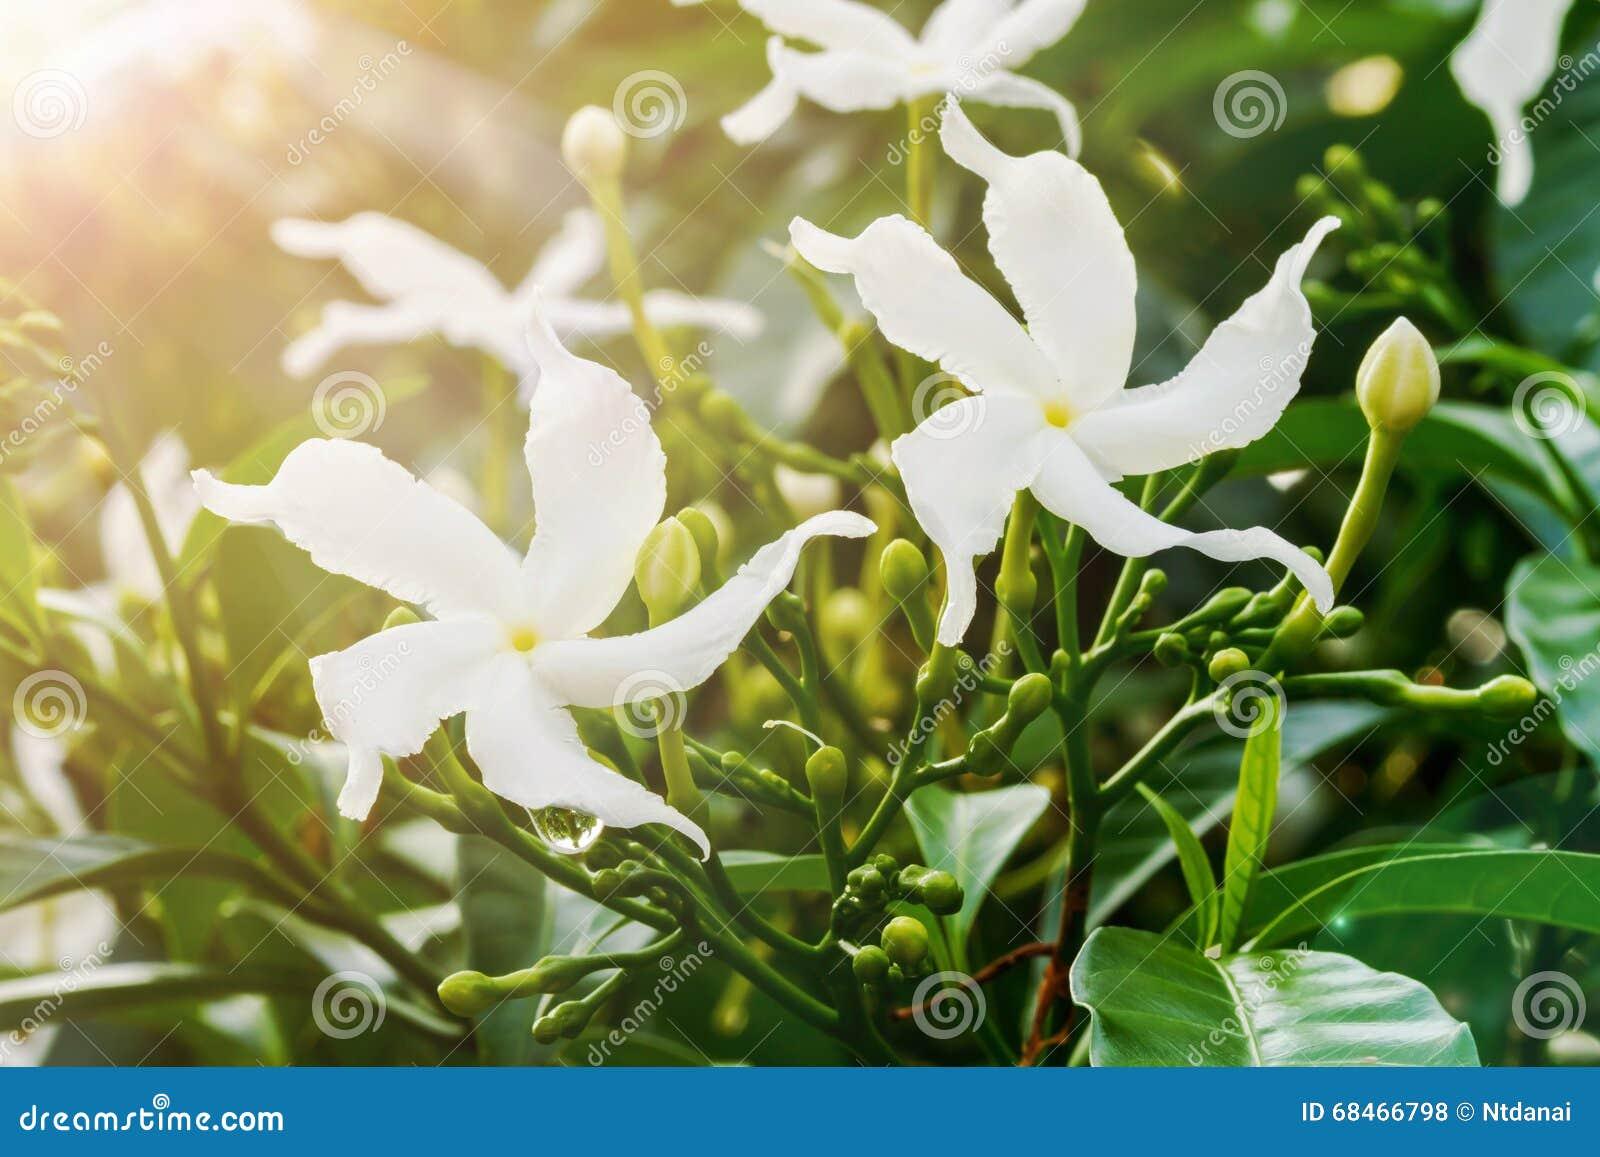 Sampaguita Jasmine Flowers Stock Photo Image Of Tree 68466798